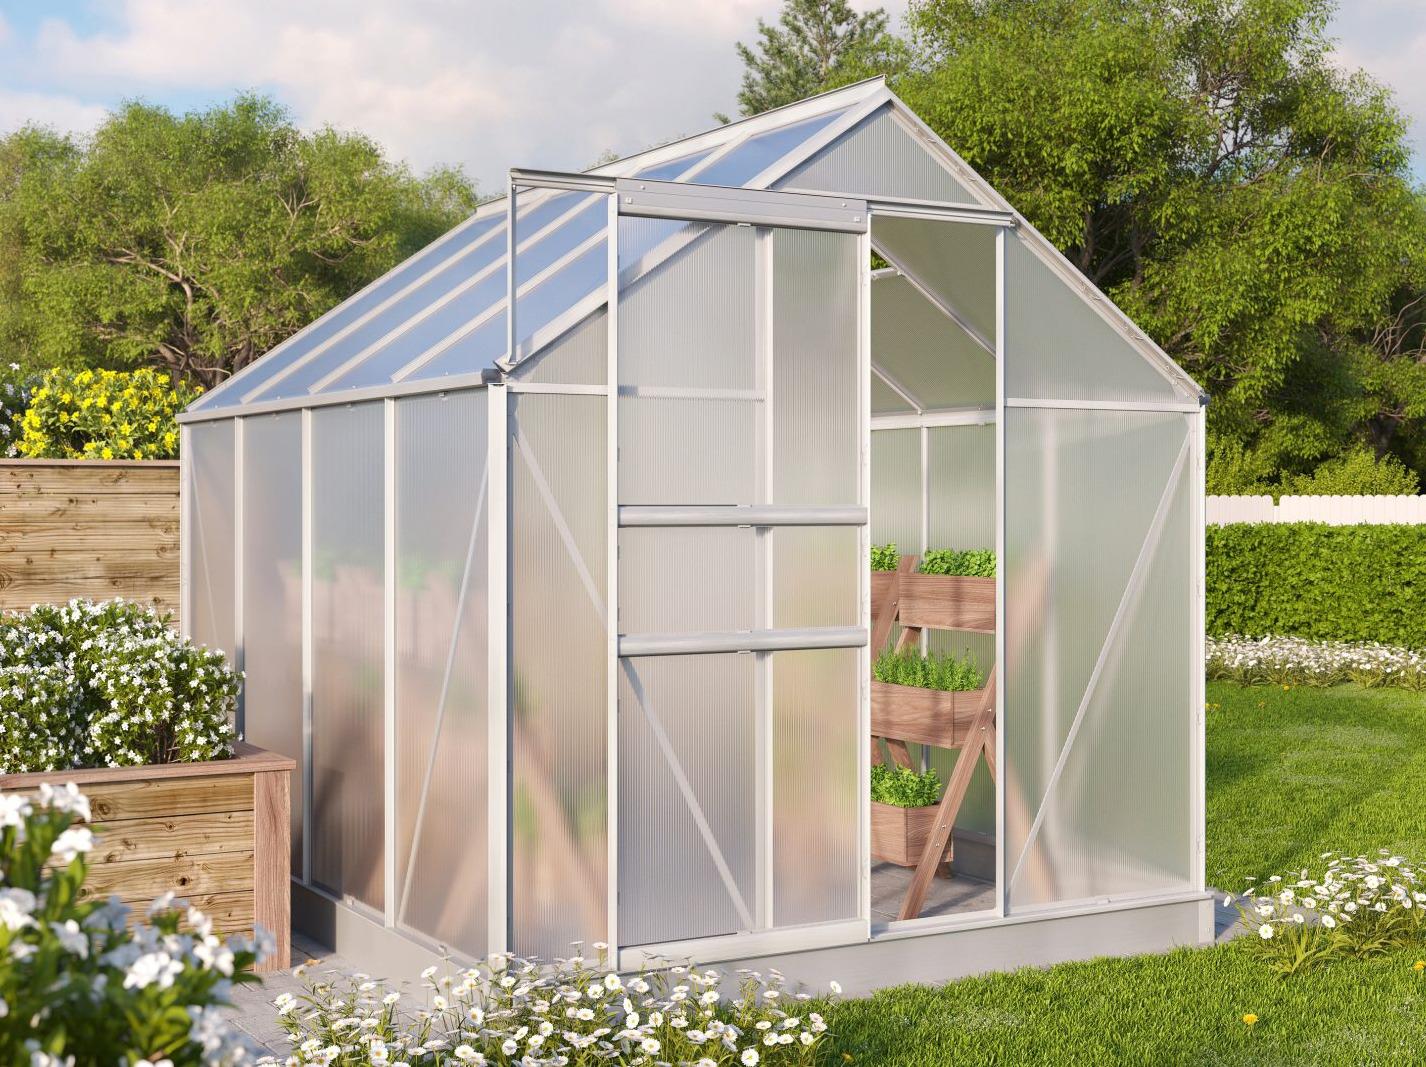 Vitavia Garden skleník VITAVIA TARGET 5000 PC 4 mm stříbrný